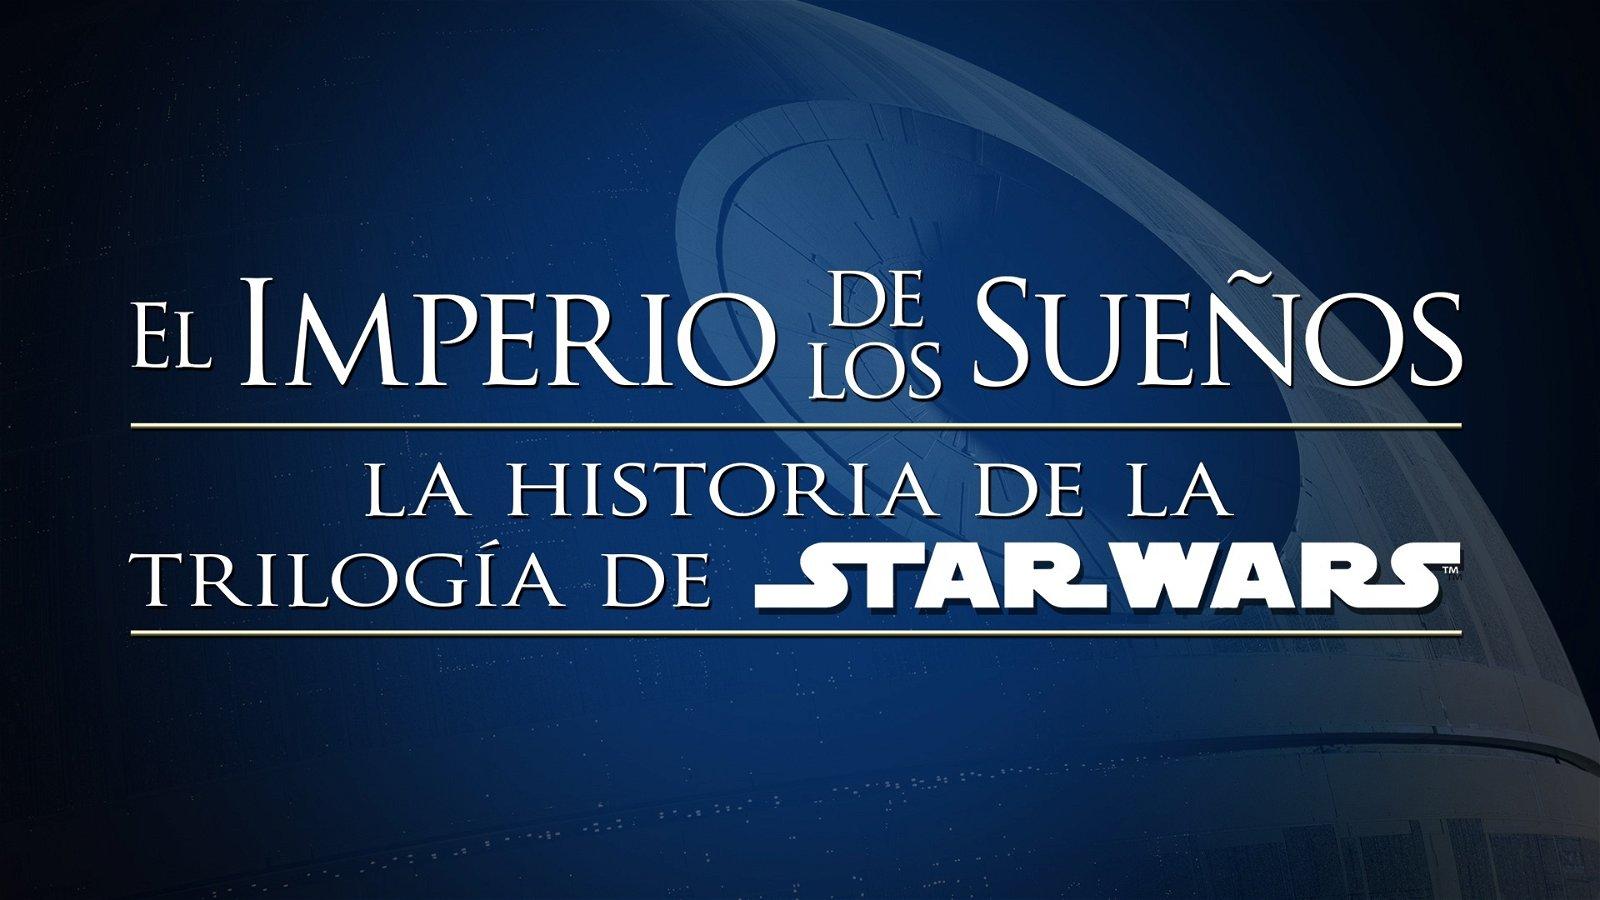 El Imperio de los Sueños: la historia de la trilogía de Star Wars